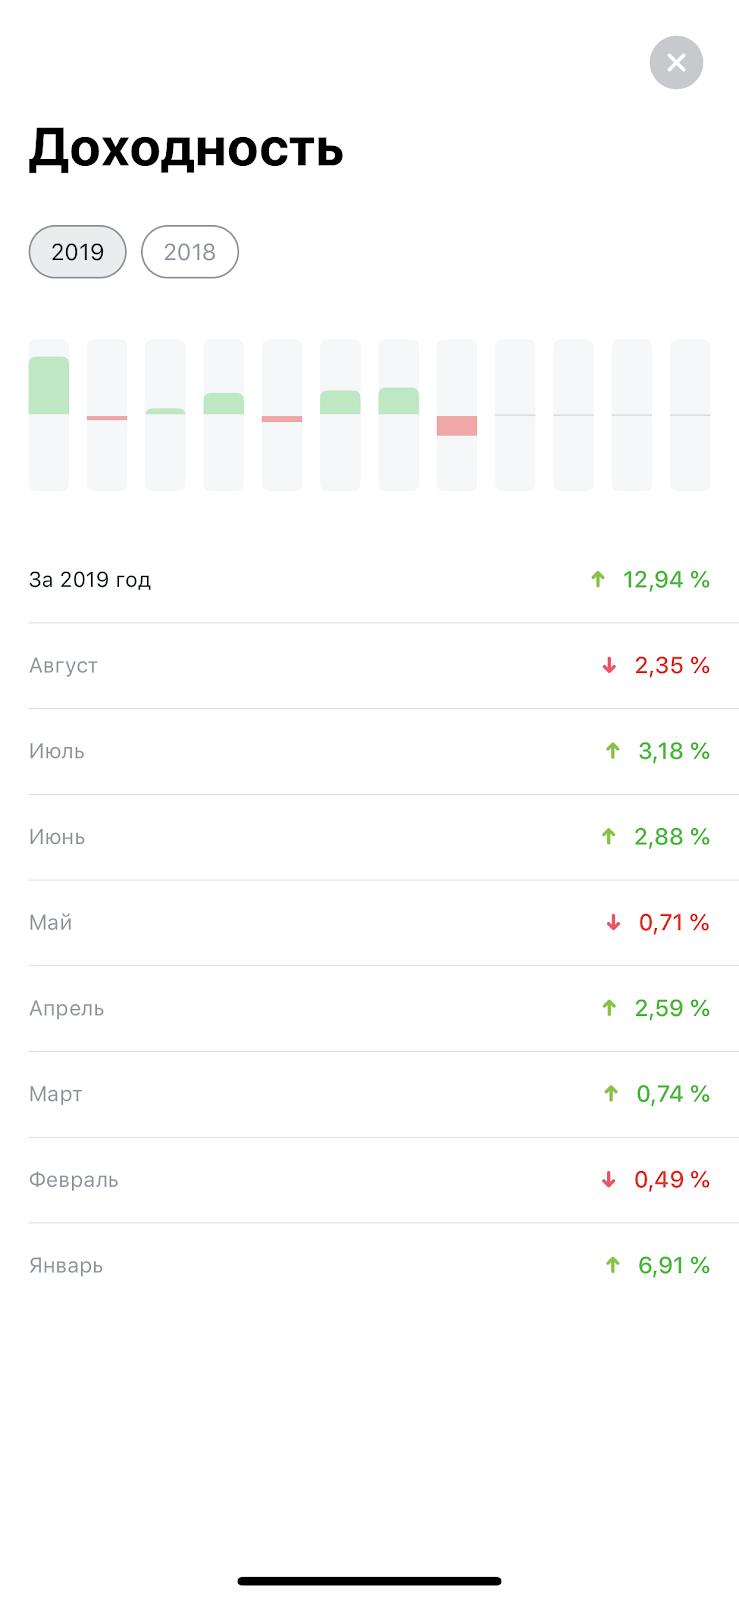 Социальная сеть для инвесторов Тинькофф Инвестиций Пульс